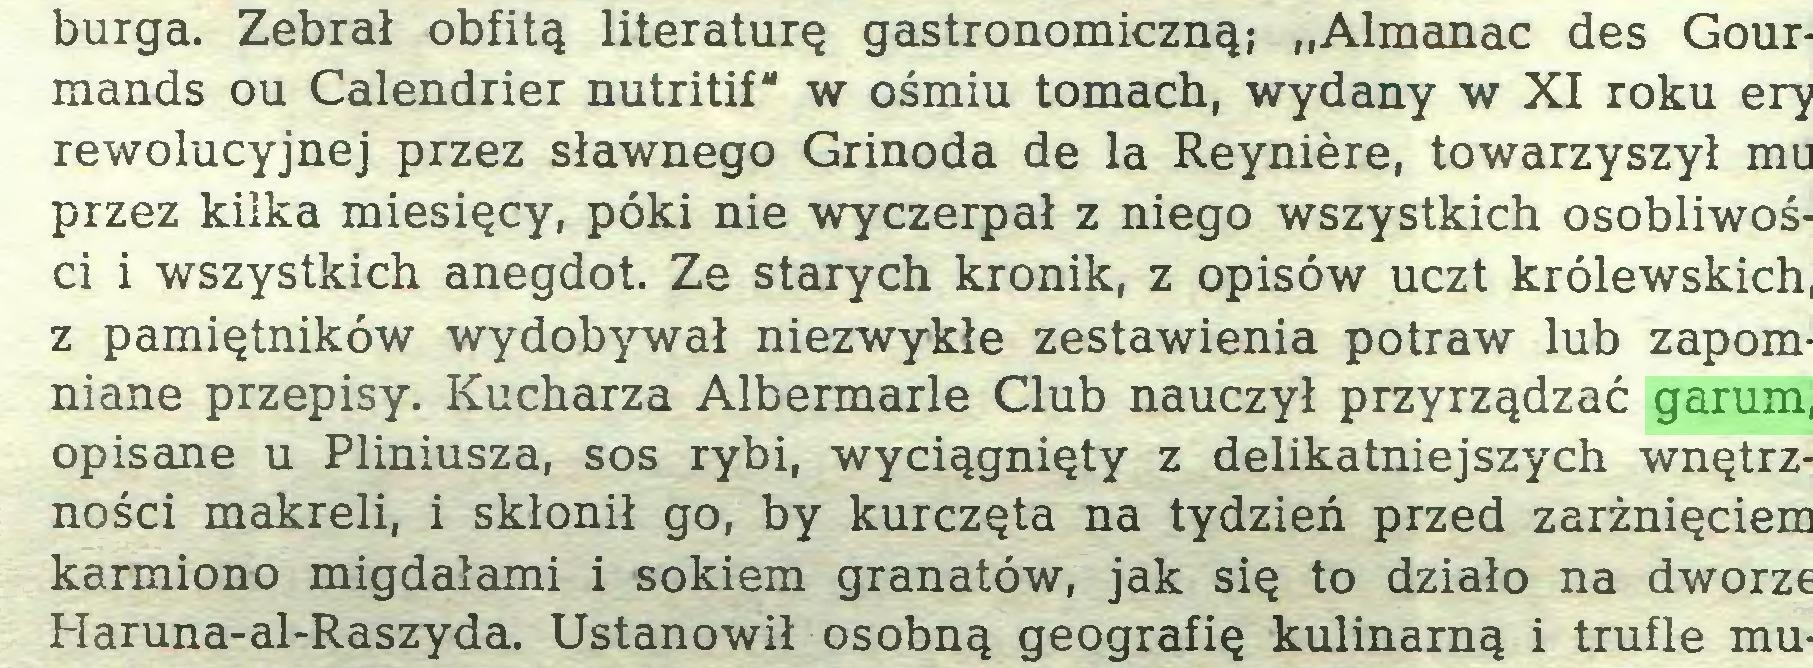 """(...) burga. Zebrał obfitą literaturę gastronomiczną; """"Almanac des Gourmands ou Calendrier nutritif"""" w ośmiu tomach, wydany w XI roku ery rewolucyjnej przez sławnego Grinoda de la Reynière, towarzyszył mu przez kilka miesięcy, póki nie wyczerpał z niego wszystkich osobliwości i wszystkich anegdot. Ze starych kronik, z opisów uczt królewskich, z pamiętników wydobywał niezwykłe zestawienia potraw lub zapomniane przepisy. Kucharza Albermarle Club nauczył przyrządzać garum, opisane u Pliniusza, sos rybi, wyciągnięty z delikatniejszych wnętrzności makreli, i skłonił go, by kurczęta na tydzień przed zarżnięciem karmiono migdałami i sokiem granatów, jak się to działo na dworze Haruna-al-Raszyda. Ustanowił osobną geografię kulinarną i trufle mu..."""